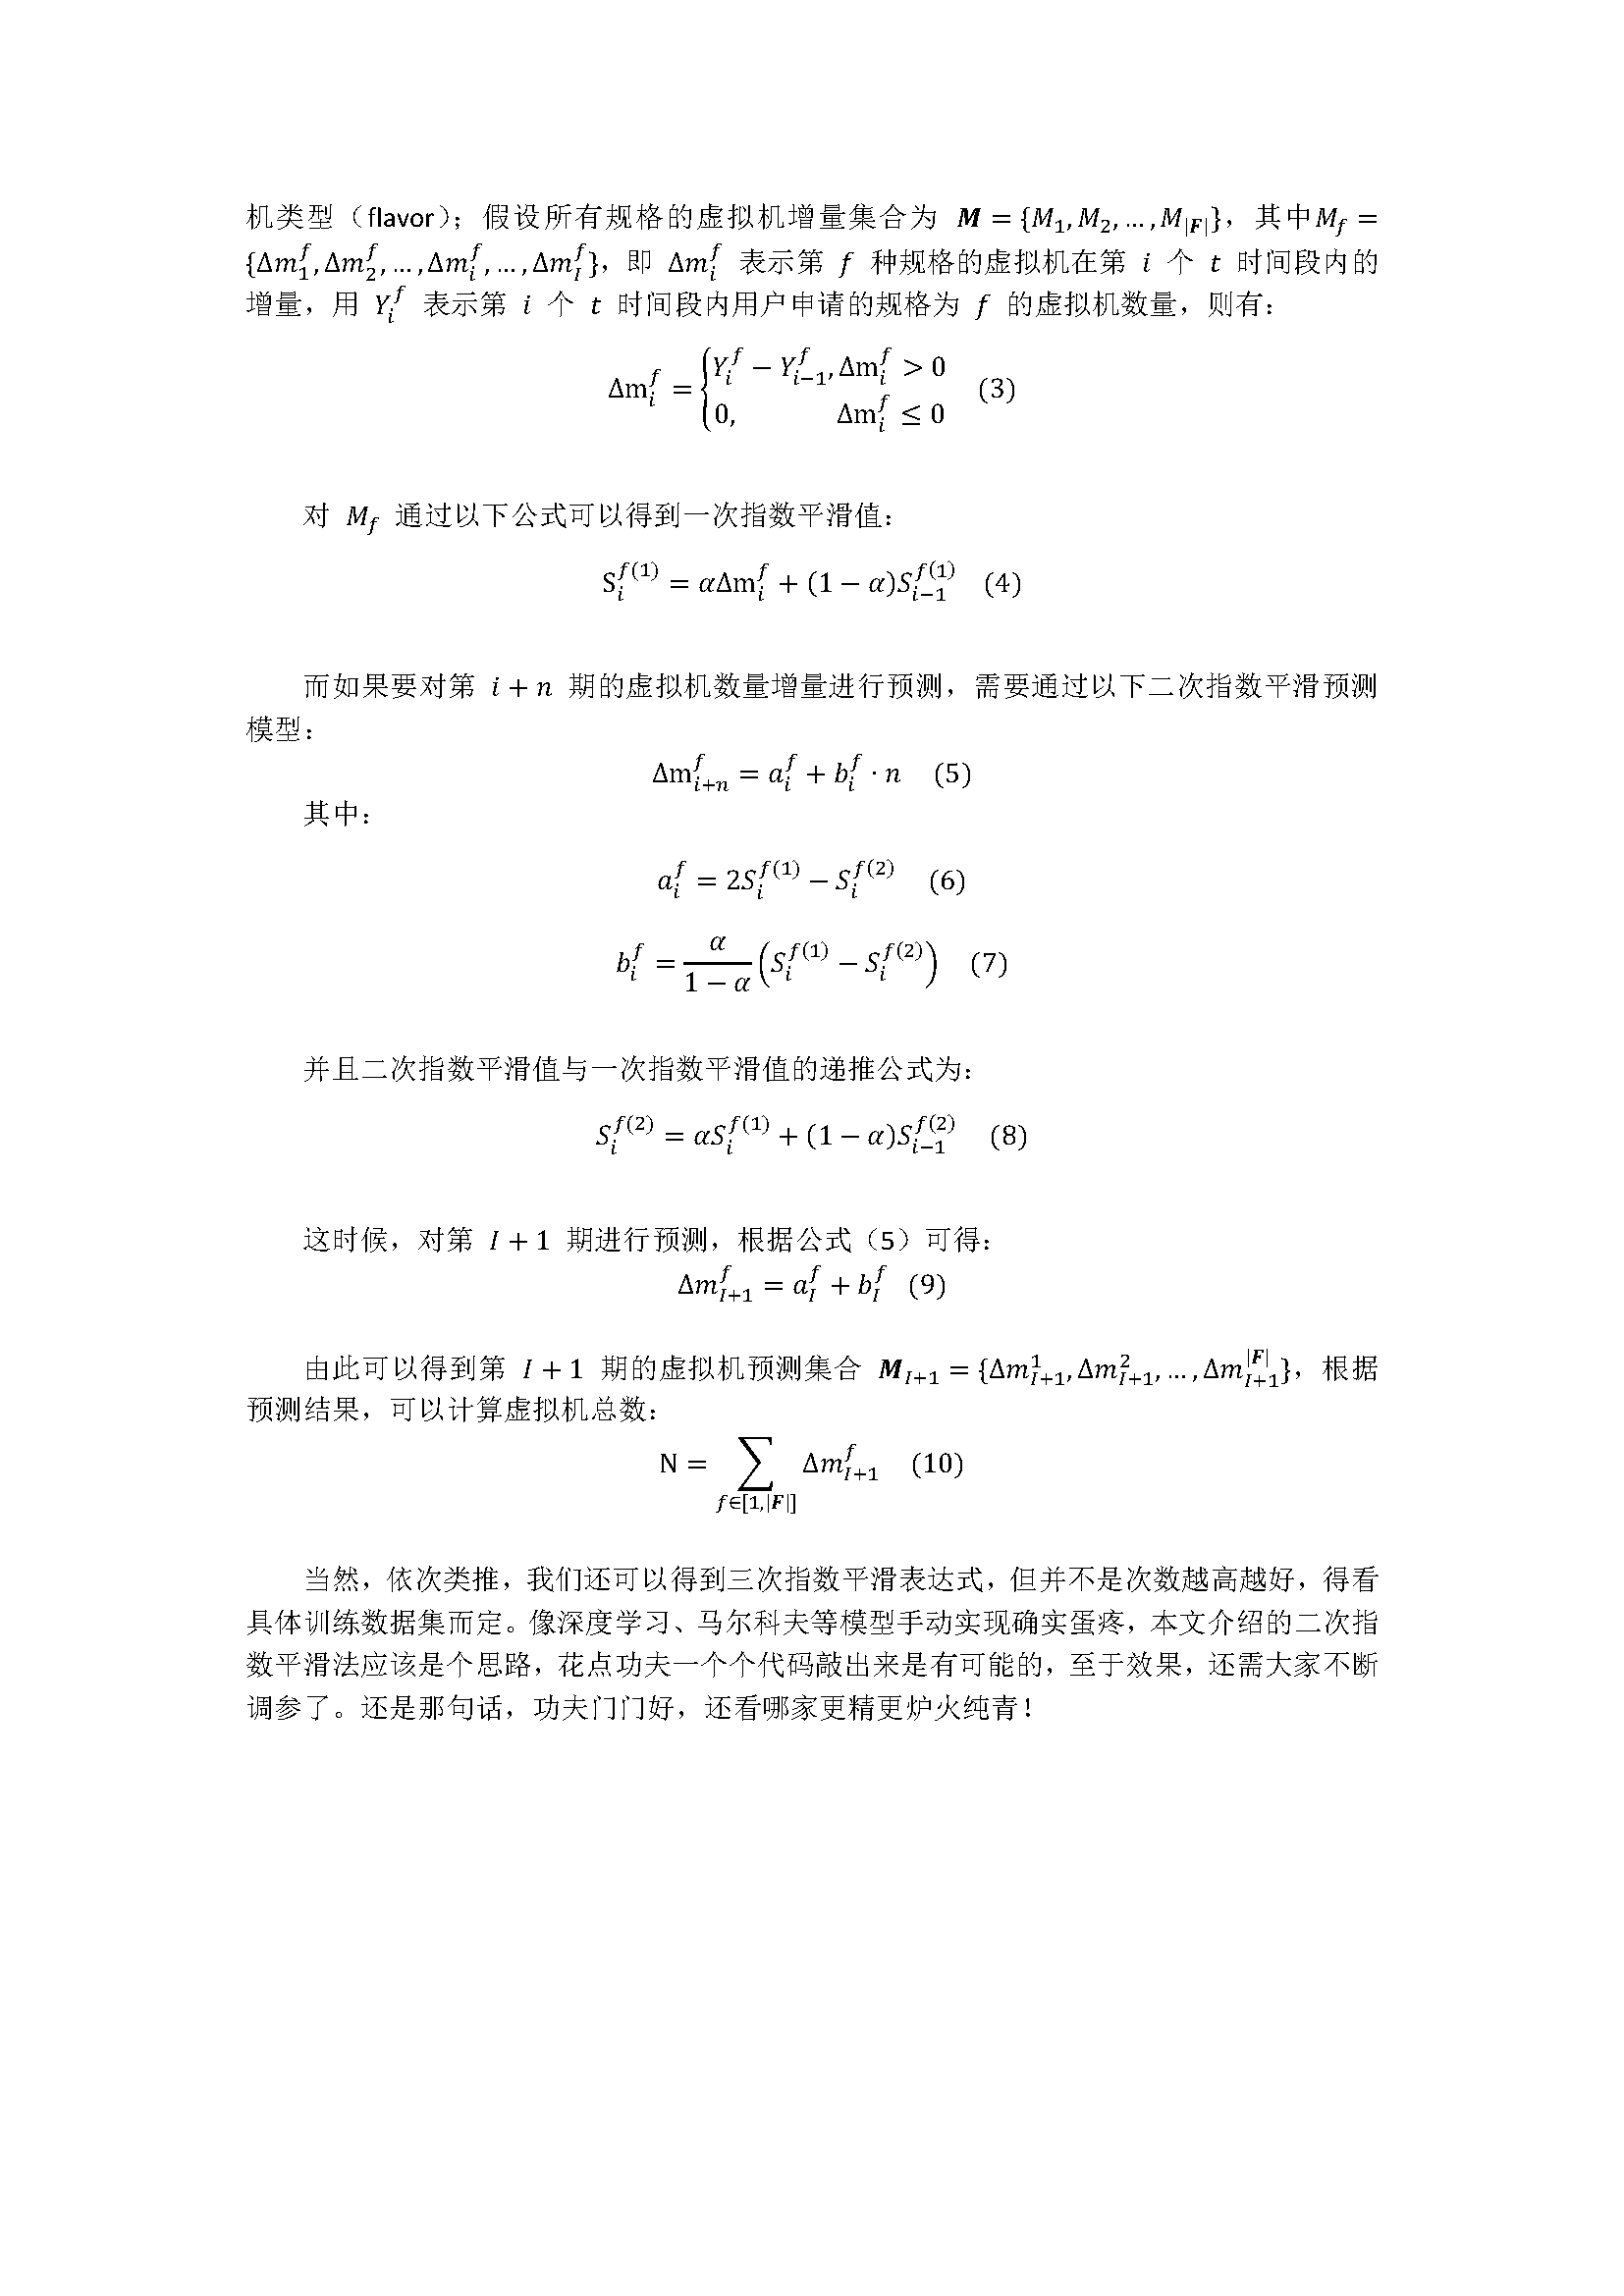 预测部分-解题思路-二次指数平滑法_页面_2.png